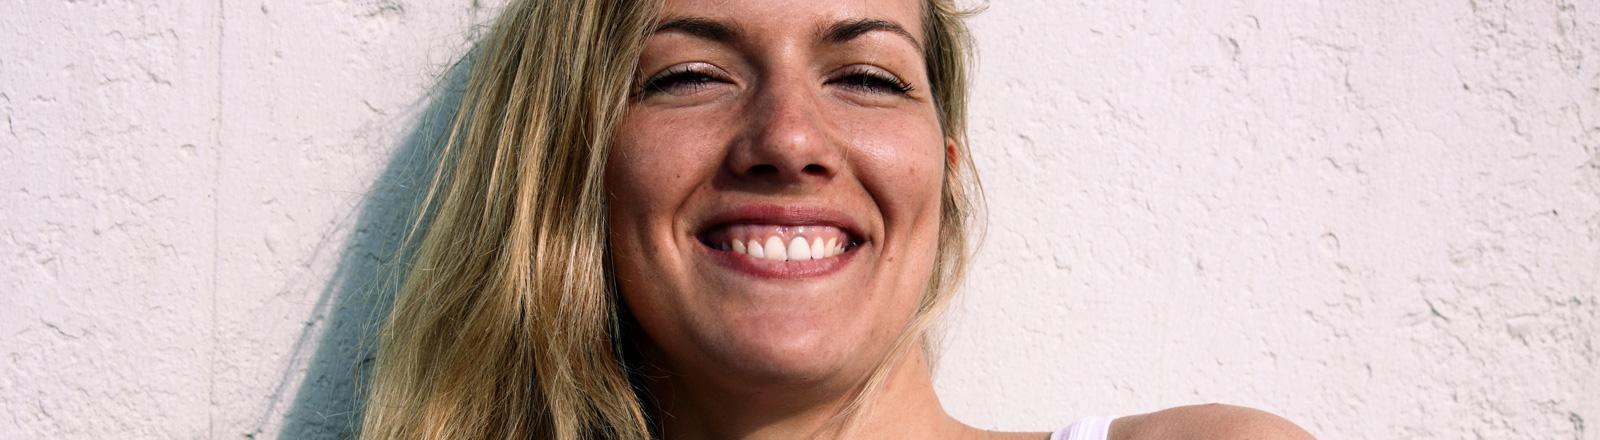 Eine Frau mit langen blonden Haaren lächelt.